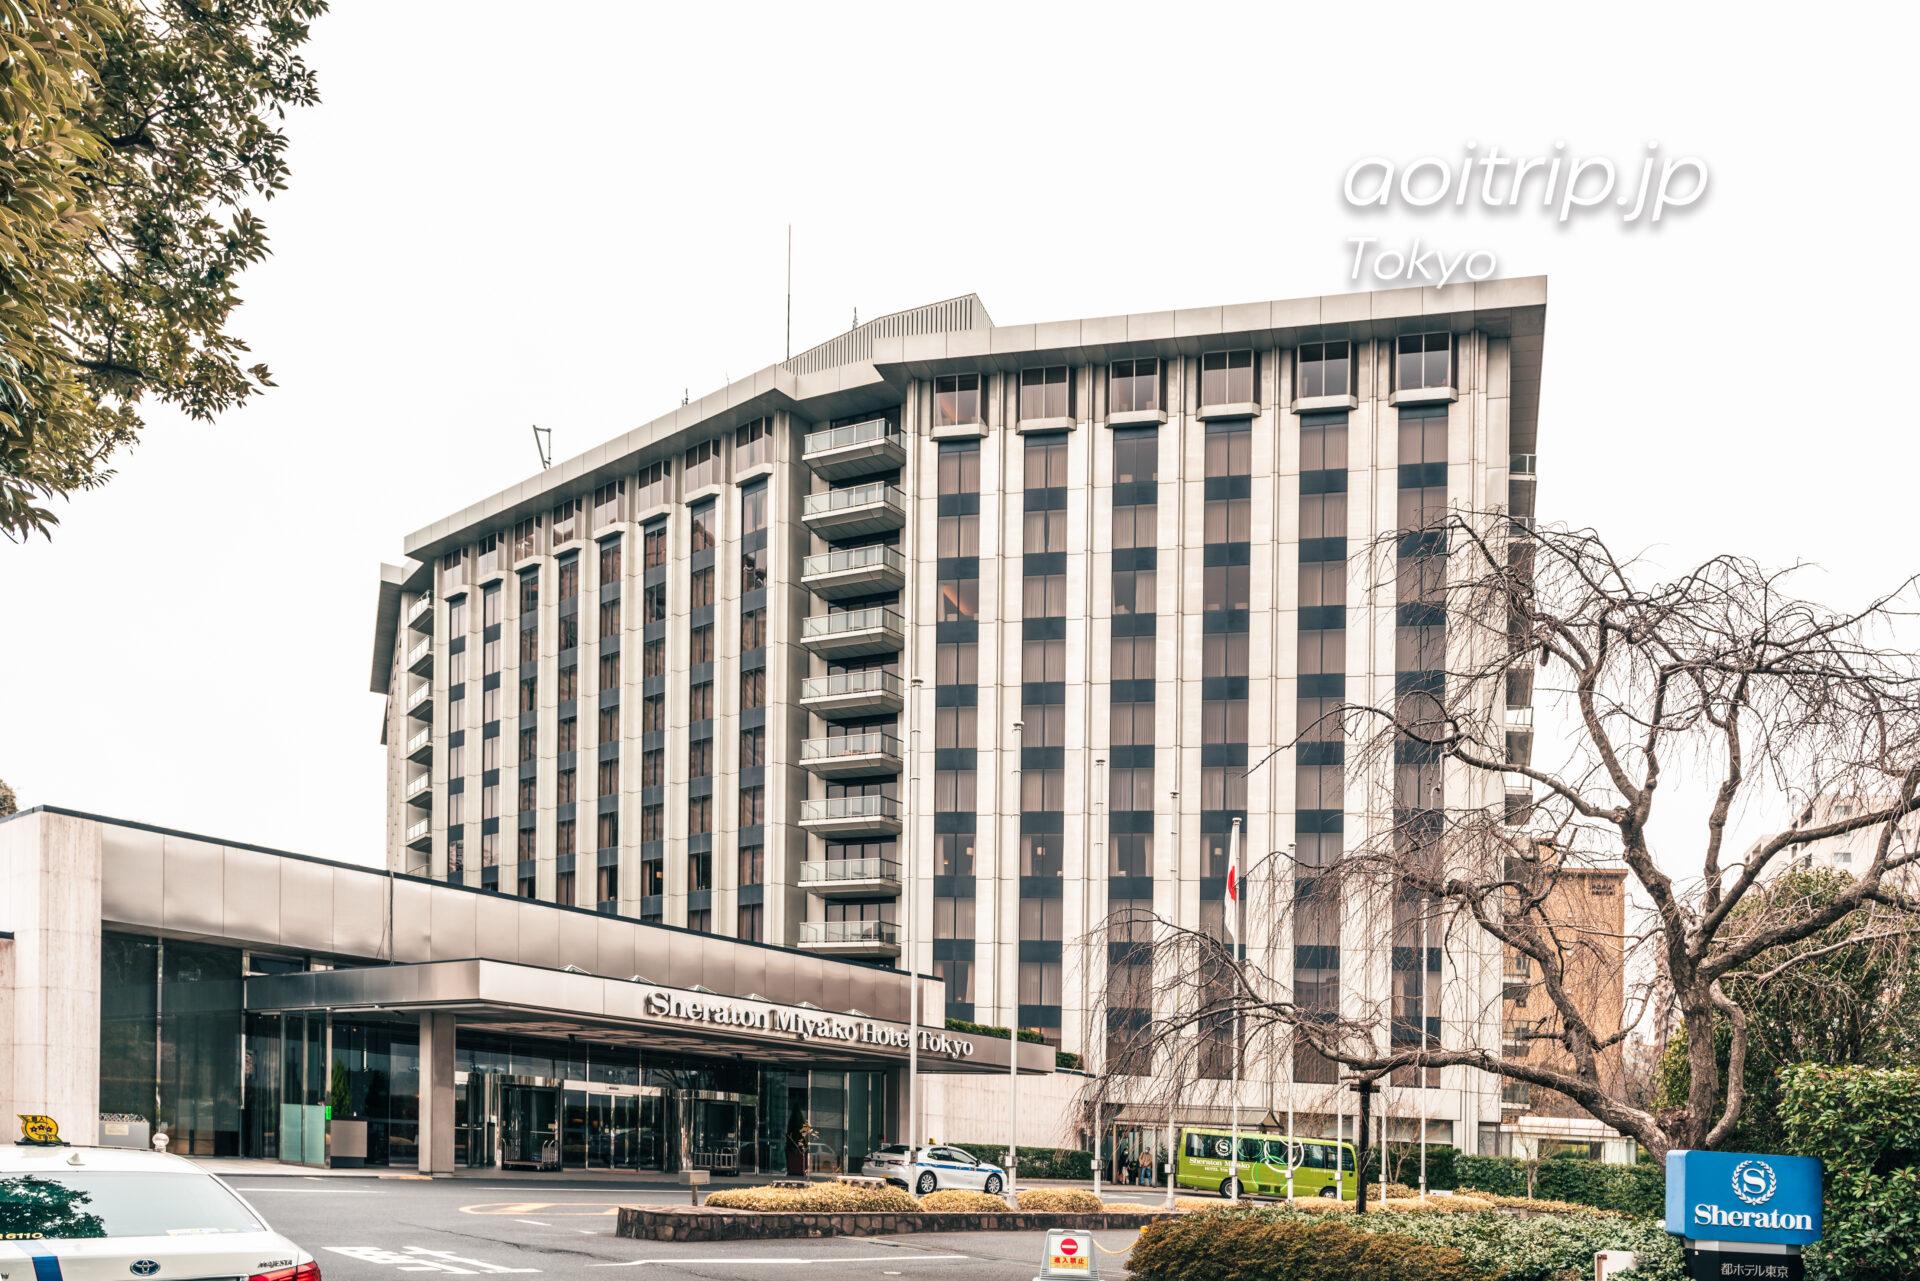 シェラトン都ホテル東京 Sheraton Miyako Hotel Tokyo